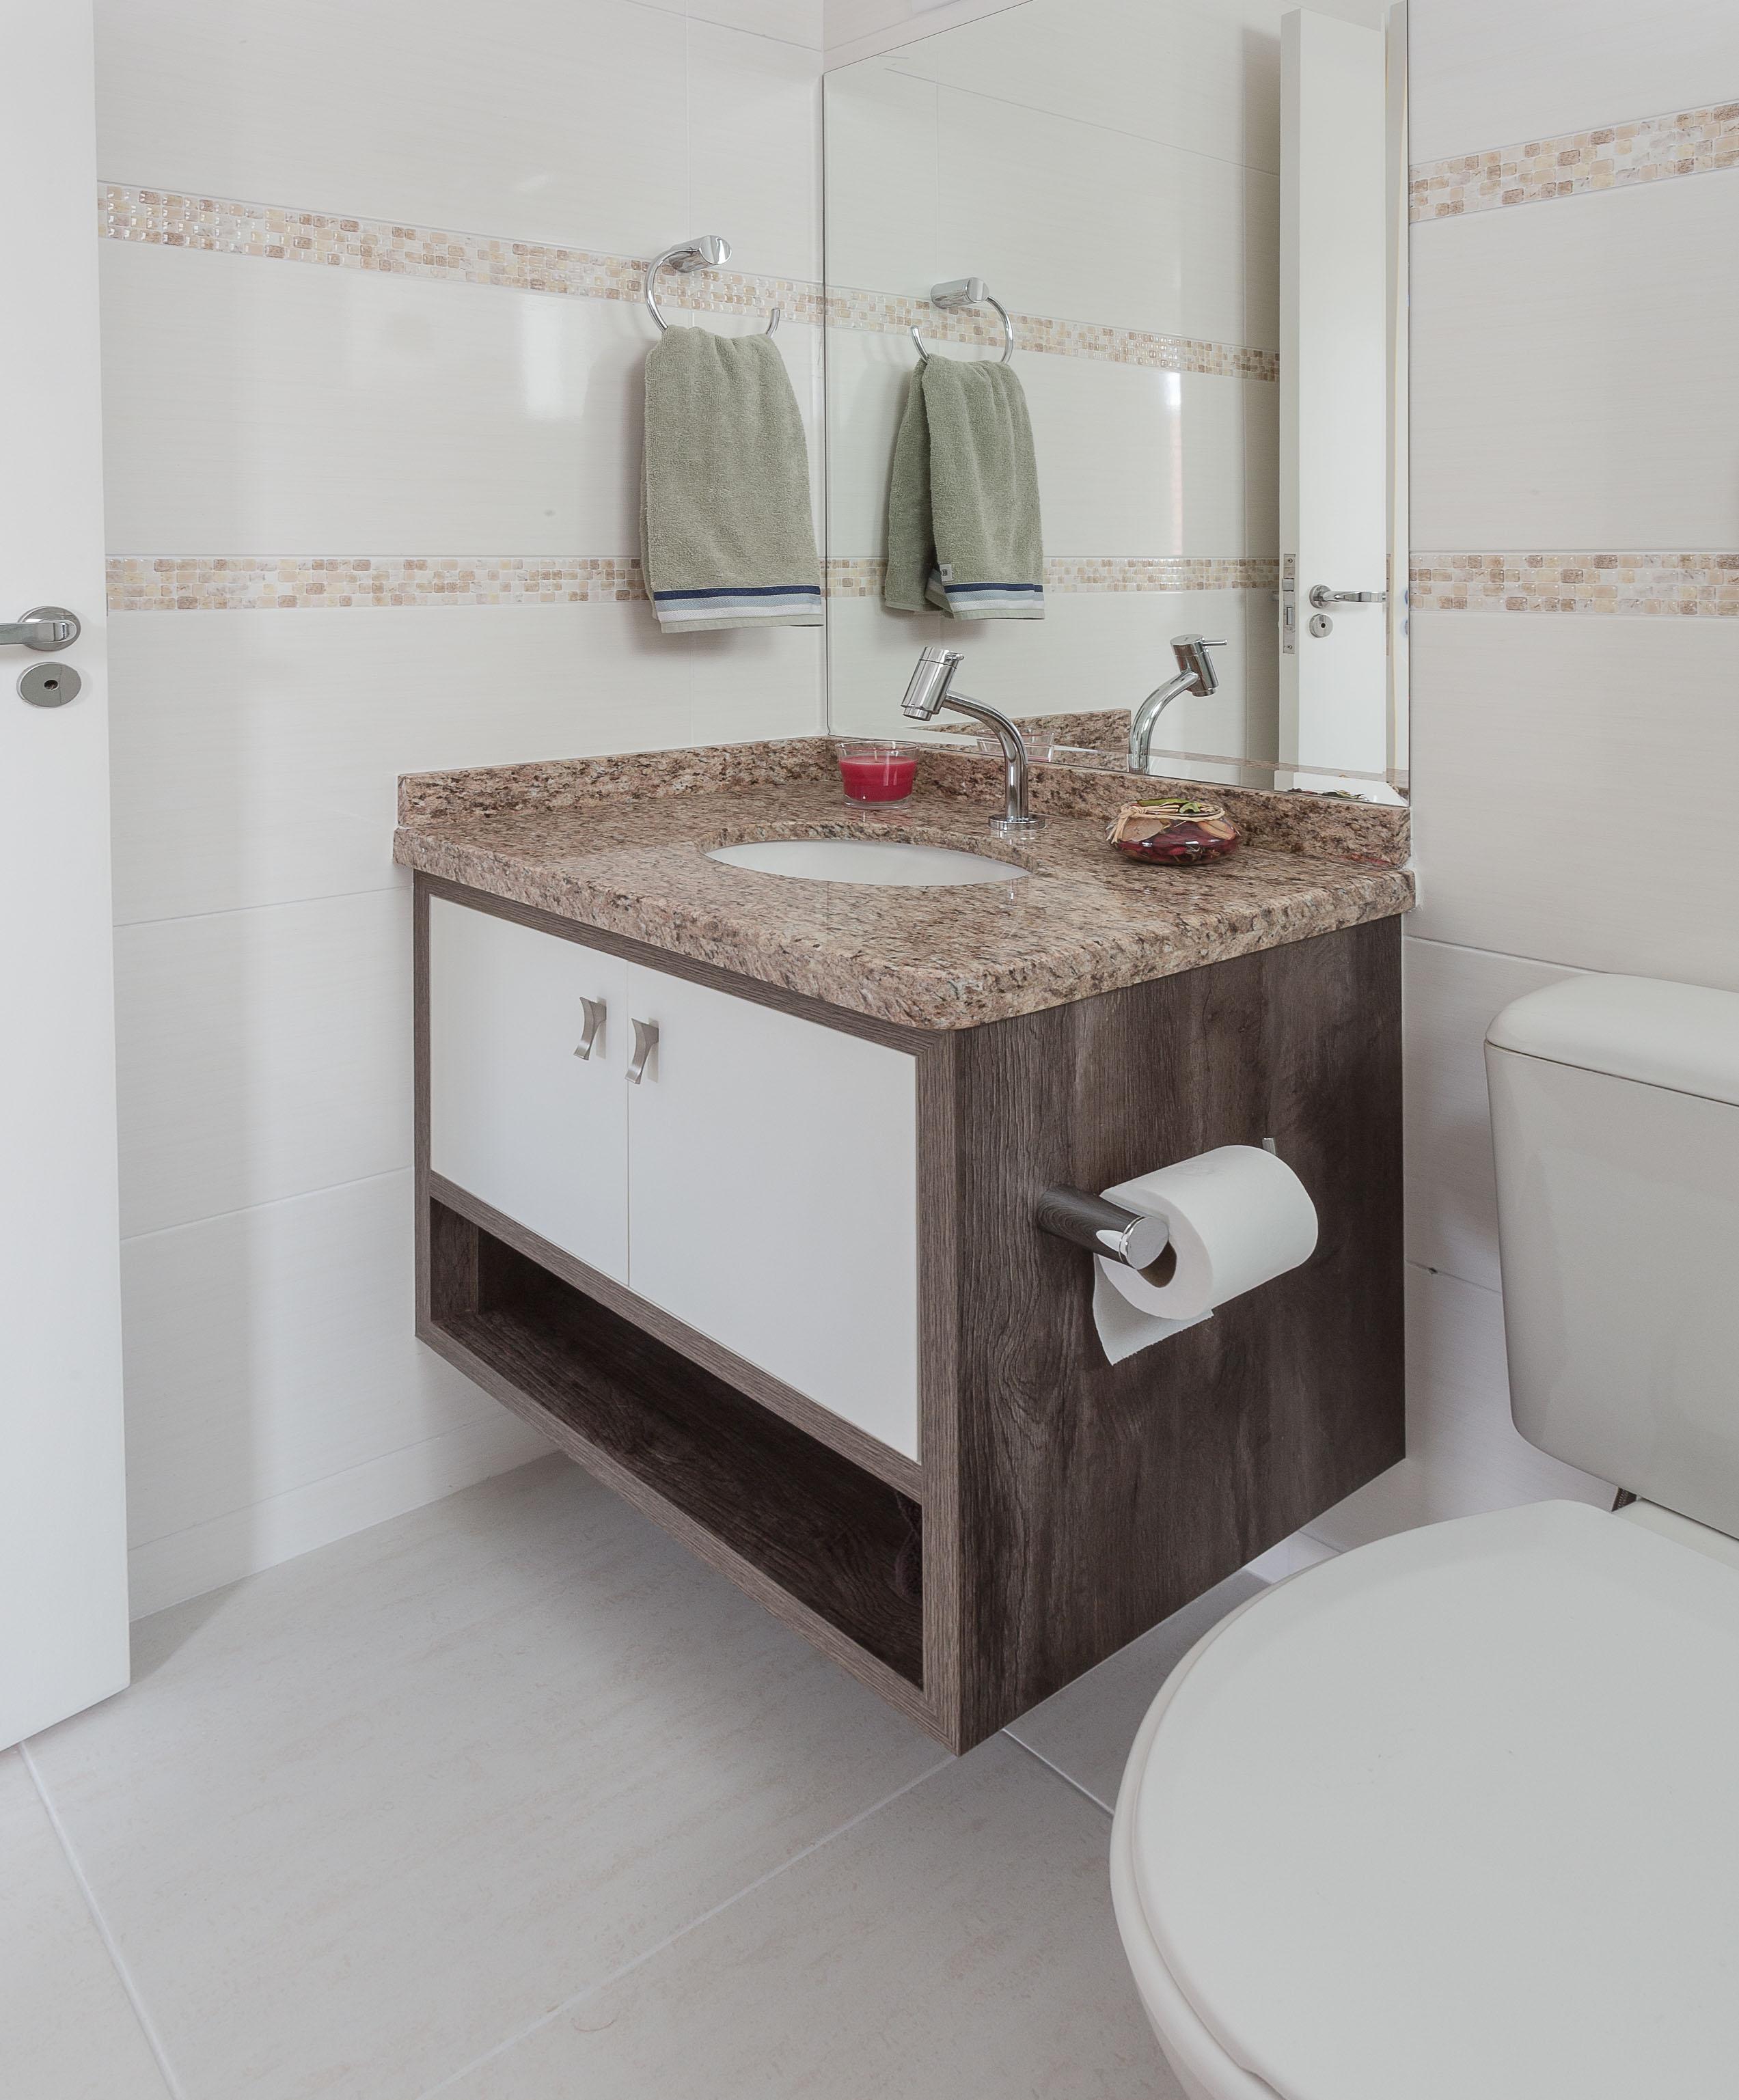 armário de banheiro em mdf com nicho armário de banheiro #5F4C47 2545x3074 Armario De Banheiro Com Nicho